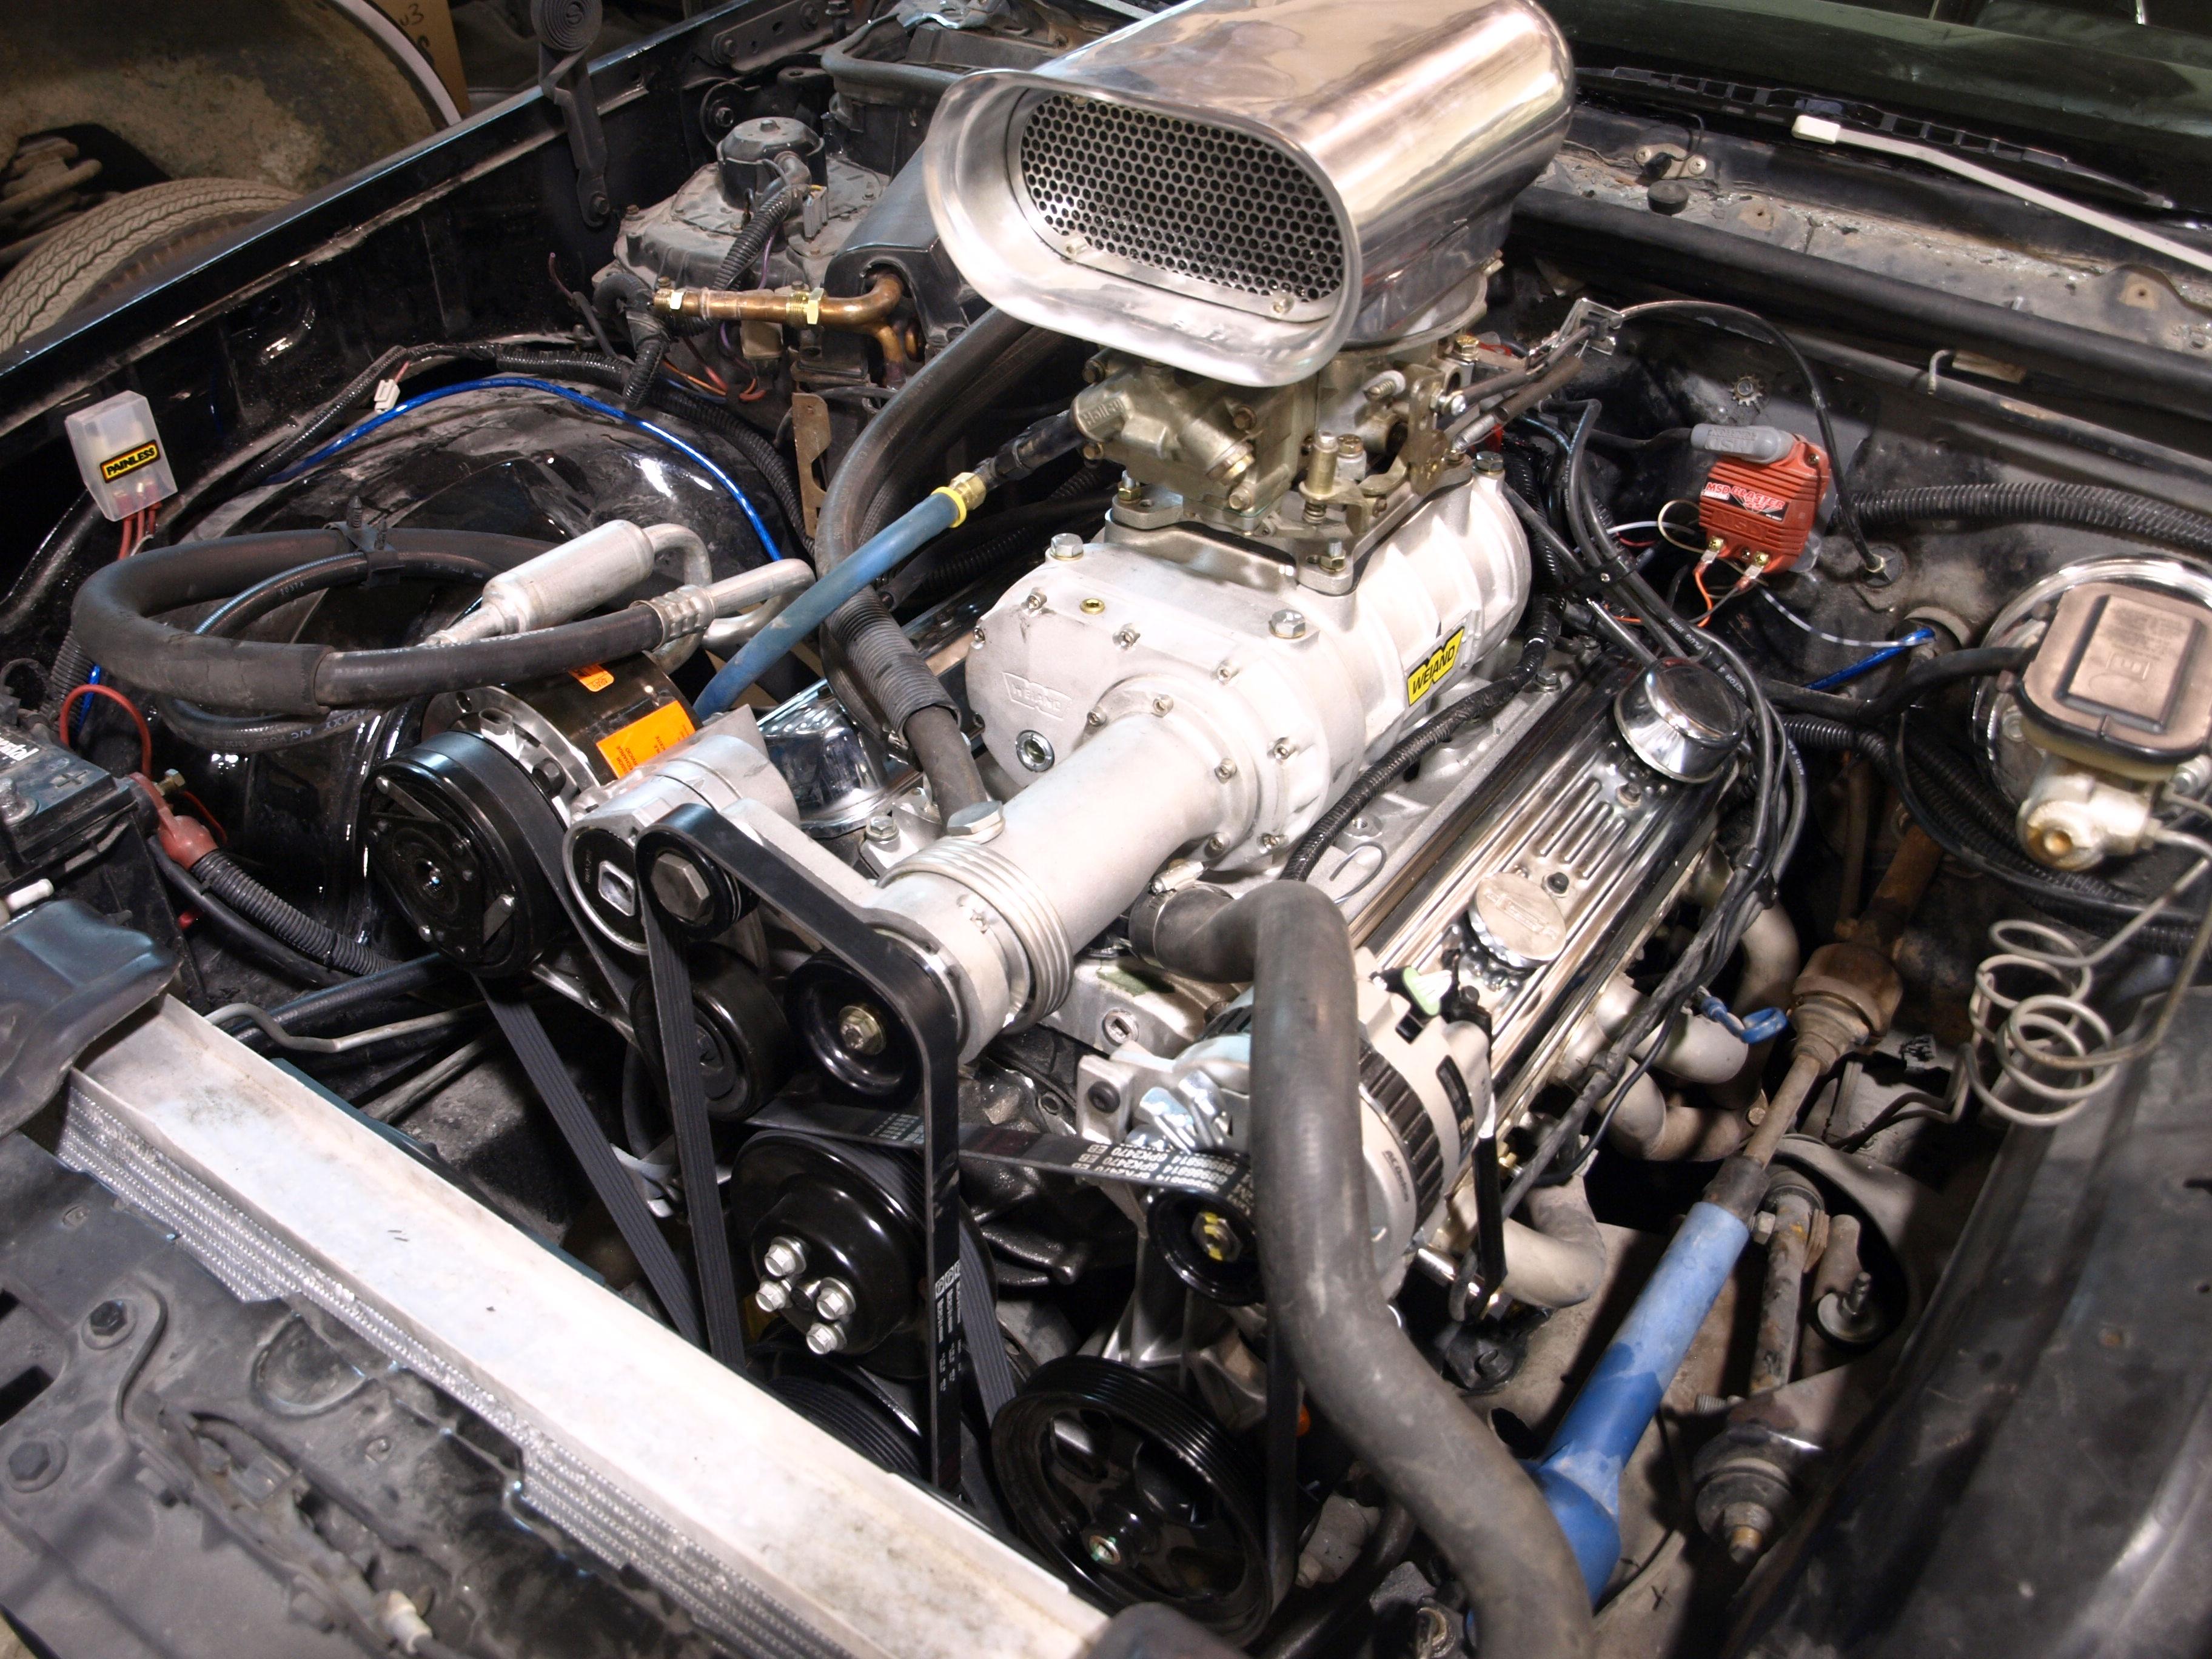 1980 Chevy El Camino - Precision Car Restoration